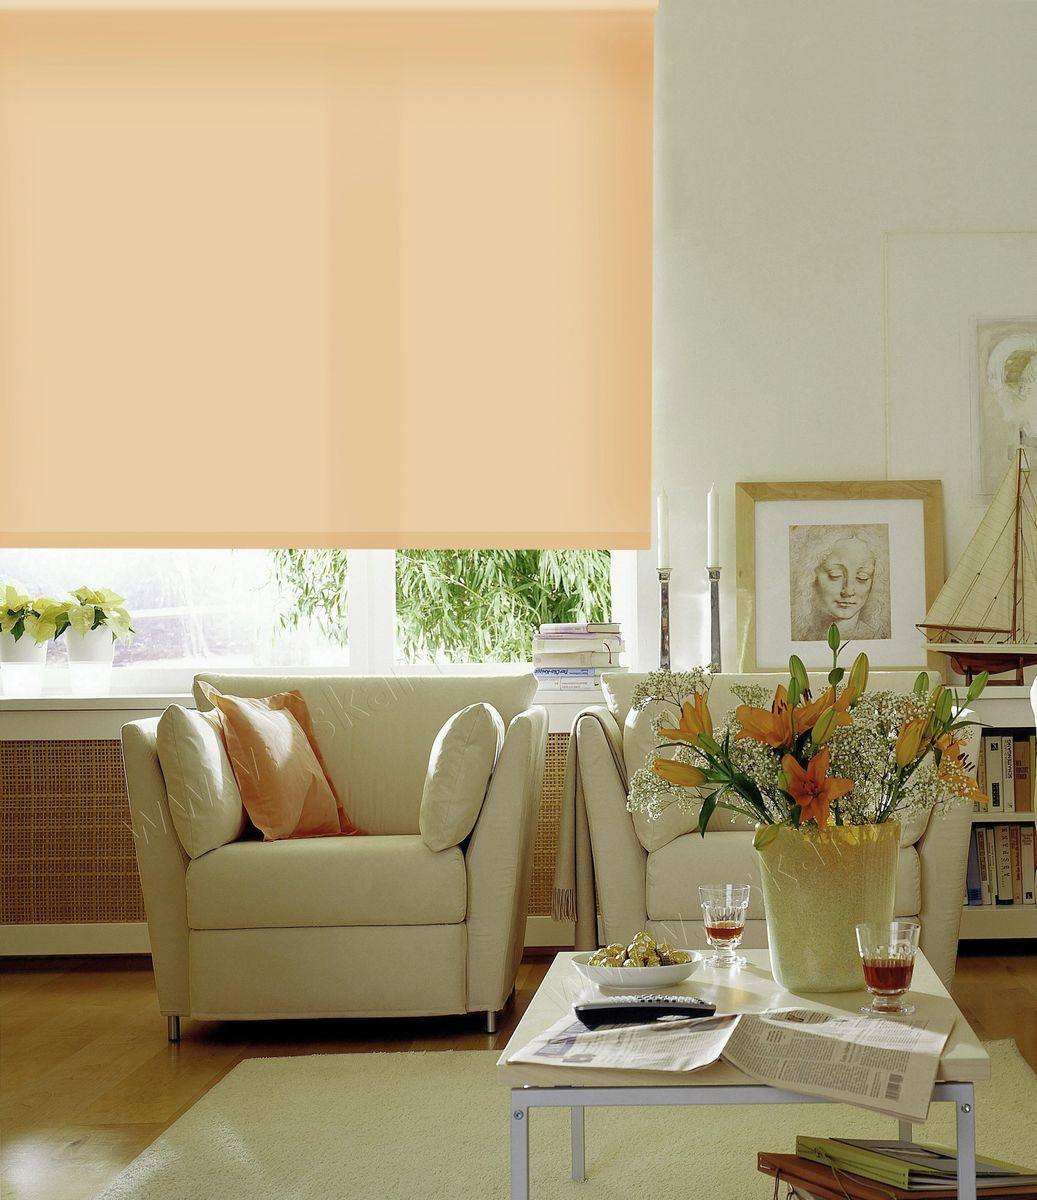 Штора рулонная Эскар, цвет: светло-абрикосовый, ширина 140 см, высота 170 смIR-F1-WРулонными шторами можно оформлять окна как самостоятельно, так и использовать в комбинации с портьерами. Это поможет предотвратить выгорание дорогой ткани на солнце и соединит функционал рулонных с красотой навесных.Преимущества применения рулонных штор для пластиковых окон:- имеют прекрасный внешний вид: многообразие и фактурность материала изделия отлично смотрятся в любом интерьере; - многофункциональны: есть возможность подобрать шторы способные эффективно защитить комнату от солнца, при этом о на не будет слишком темной. - Есть возможность осуществить быстрый монтаж. ВНИМАНИЕ! Размеры ширины изделия указаны по ширине ткани!Во время эксплуатации не рекомендуется полностью разматывать рулон, чтобы не оторвать ткань от намоточного вала.В случае загрязнения поверхности ткани, чистку шторы проводят одним из способов, в зависимости от типа загрязнения: легкое поверхностное загрязнение можно удалить при помощи канцелярского ластика; чистка от пыли производится сухим методом при помощи пылесоса с мягкой щеткой-насадкой; для удаления пятна используйте мягкую губку с пенообразующим неагрессивным моющим средством или пятновыводитель на натуральной основе (нельзя применять растворители).